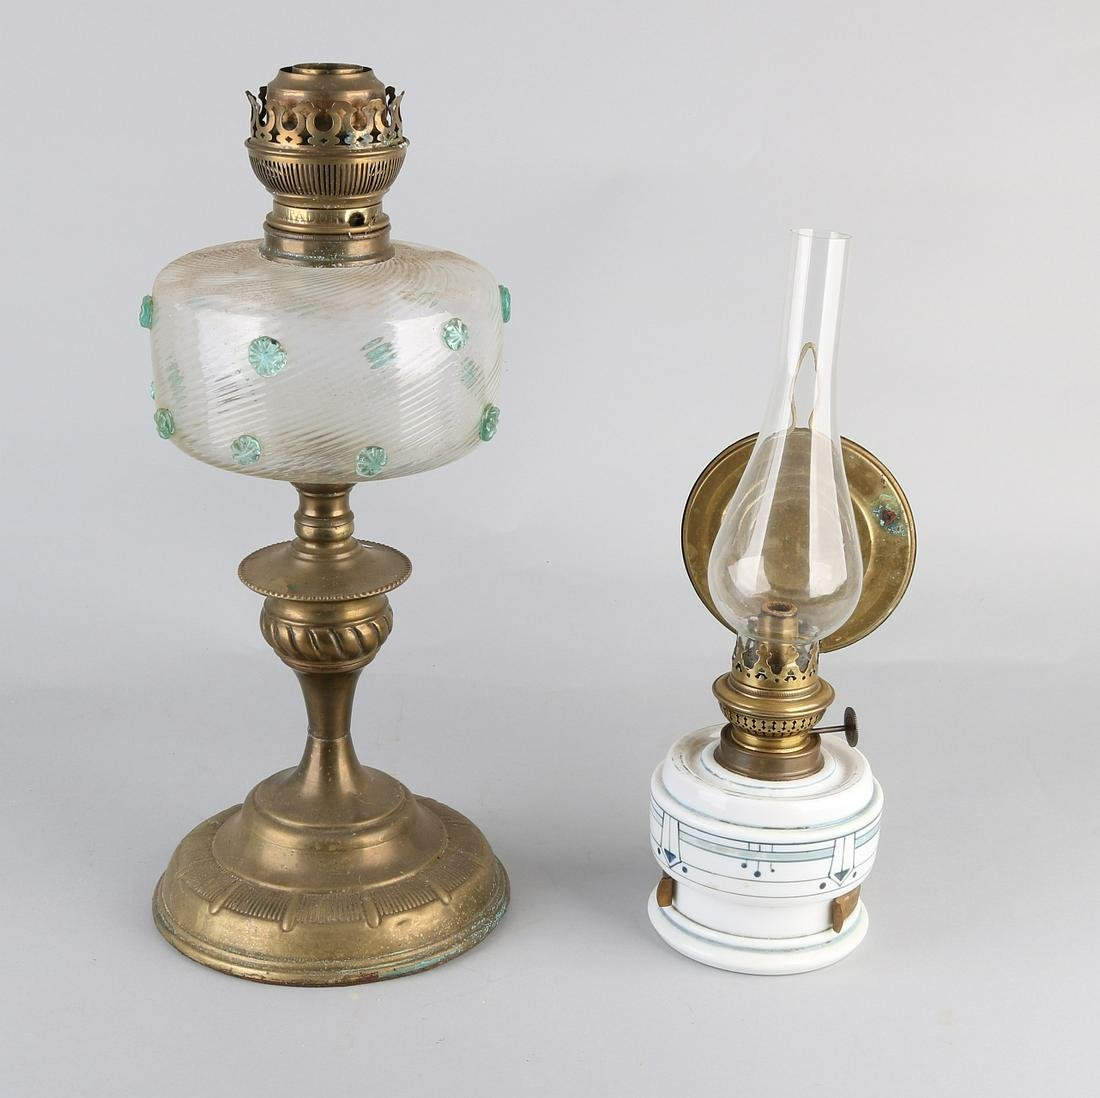 Two antique kerosene lamps. One Jugendstil glass